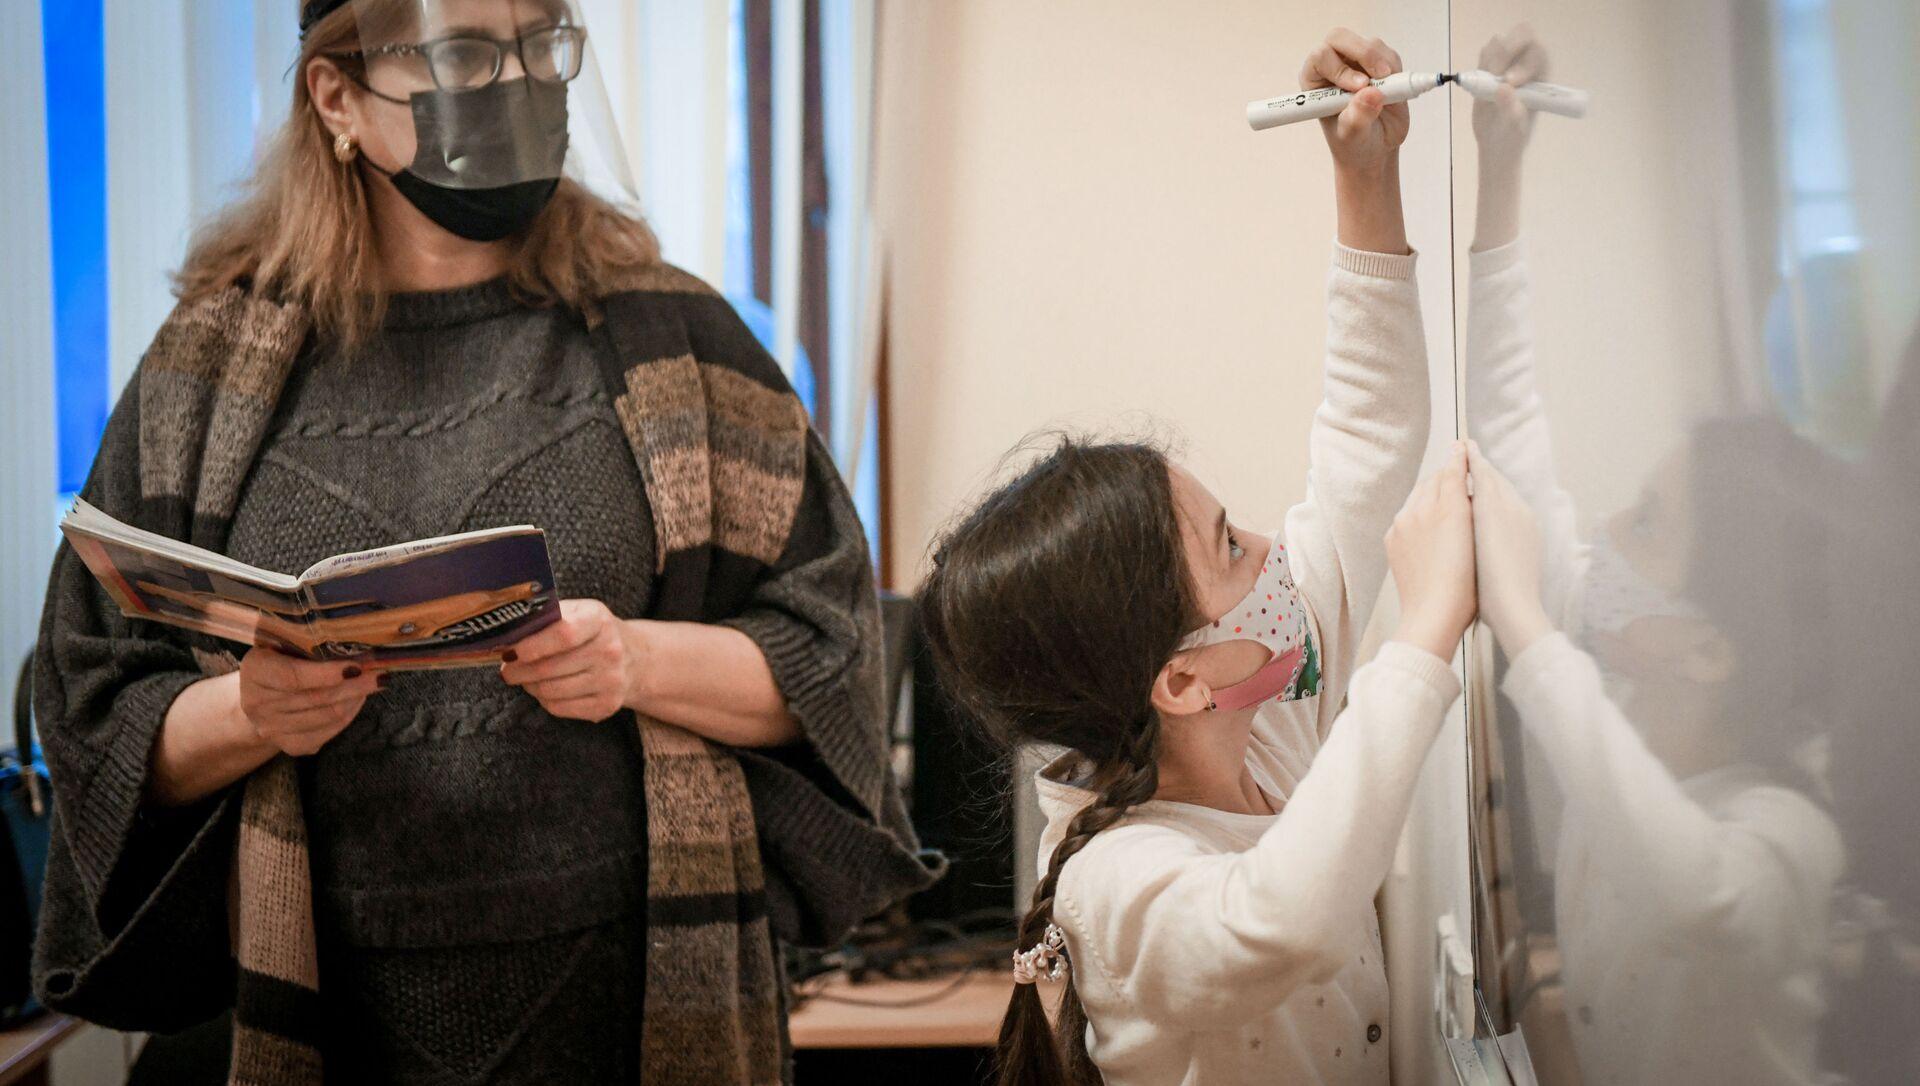 Возобновление очных занятий в бакинских школах, 1 февраля 2021 года - Sputnik Azərbaycan, 1920, 15.09.2021